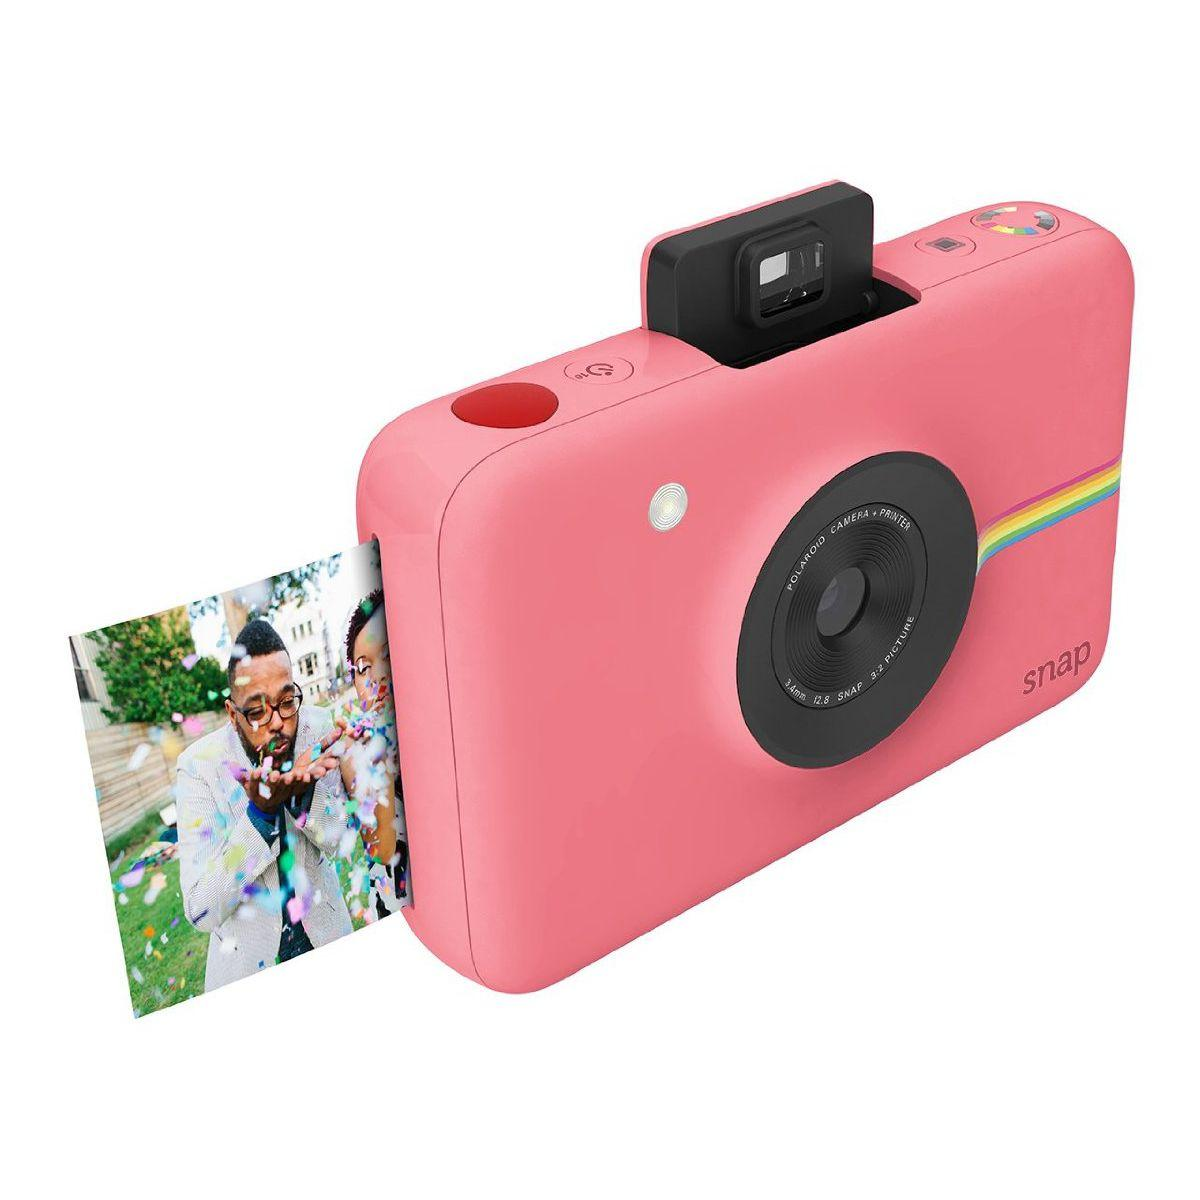 Appareil photo instantan? polaroid snap rose